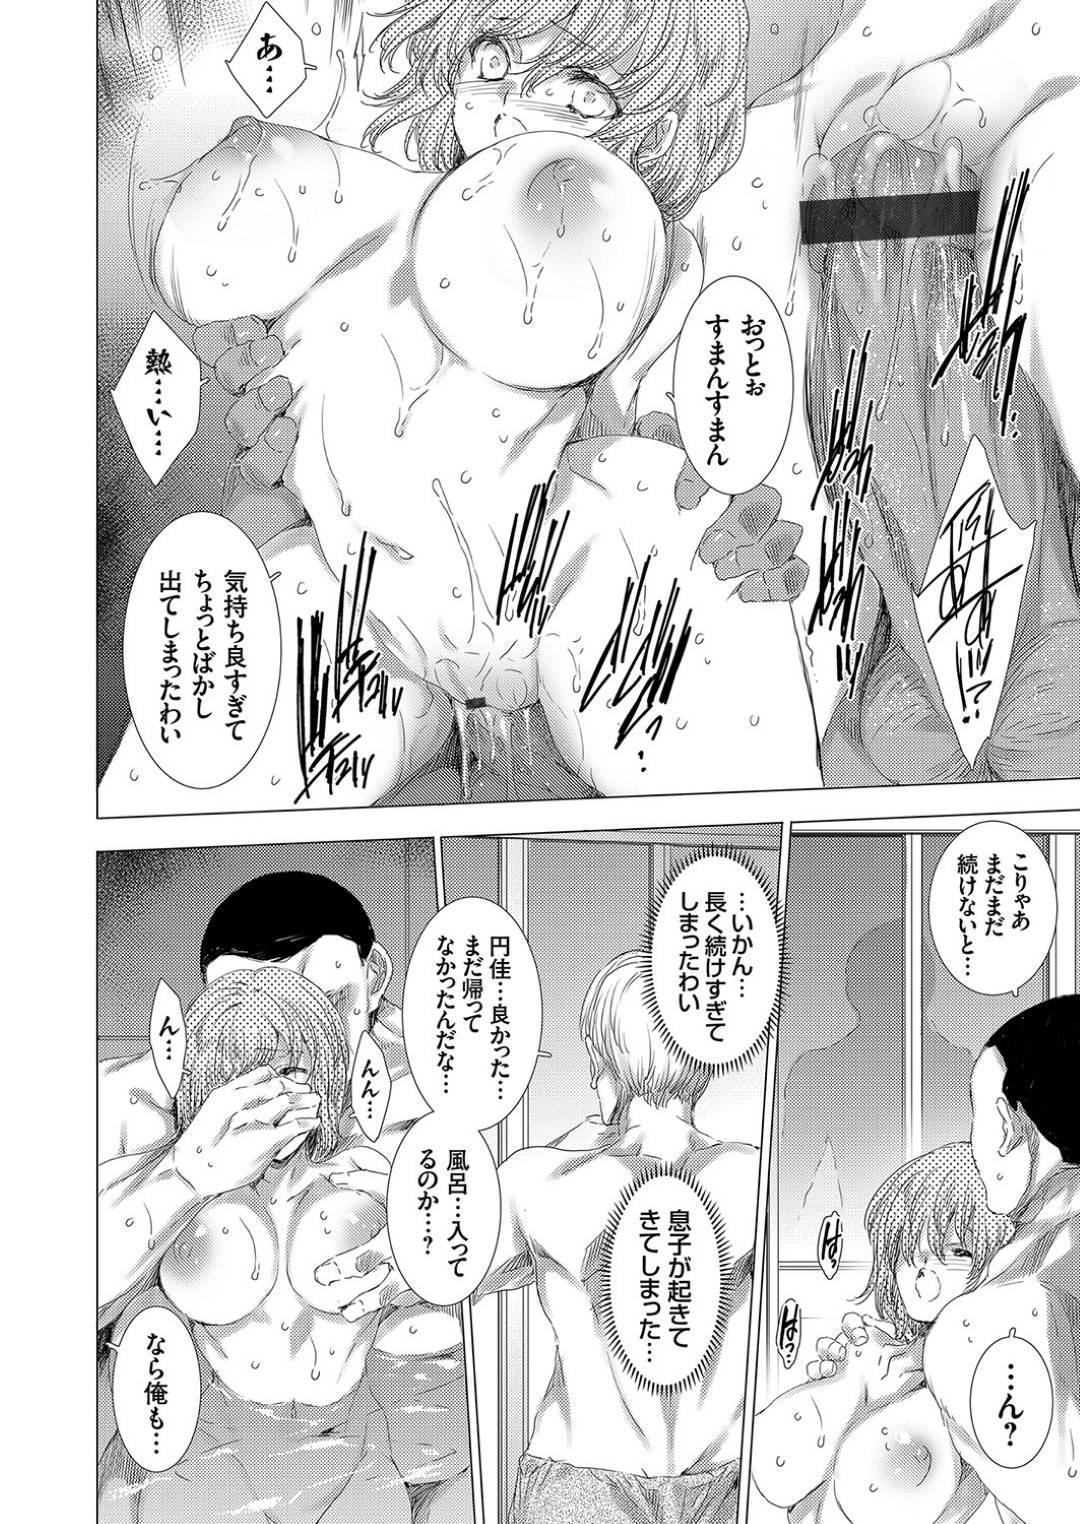 【エロ漫画】欲情した野球部員達に襲われてしまった貧乳ロリ系チアガール…囲まれて身動きできない状態になった彼女はされるがままにイラマされたり、連続中出しされたりする!